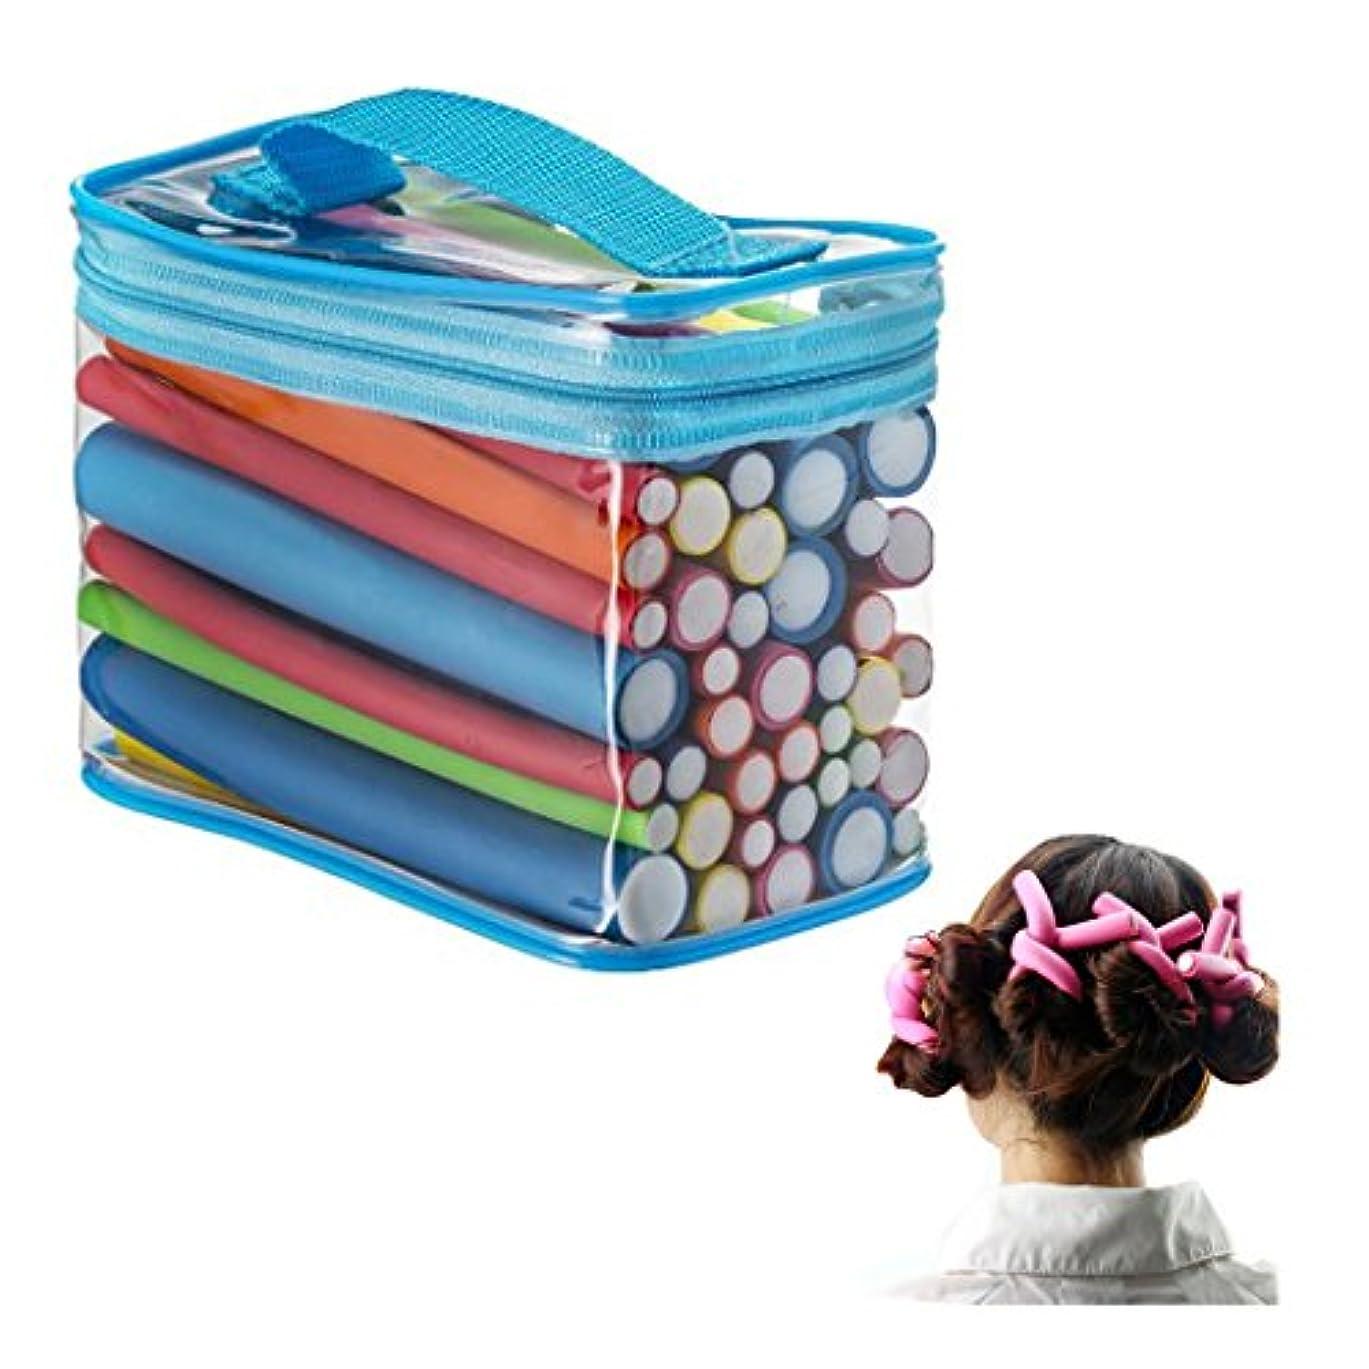 パンフレット薬局言い直すKapmore スポンジカーラー ヘアローラー 手巻き 寝ながら 巻き髪 42本 収納バッグ付き 睡眠用 再利用可能